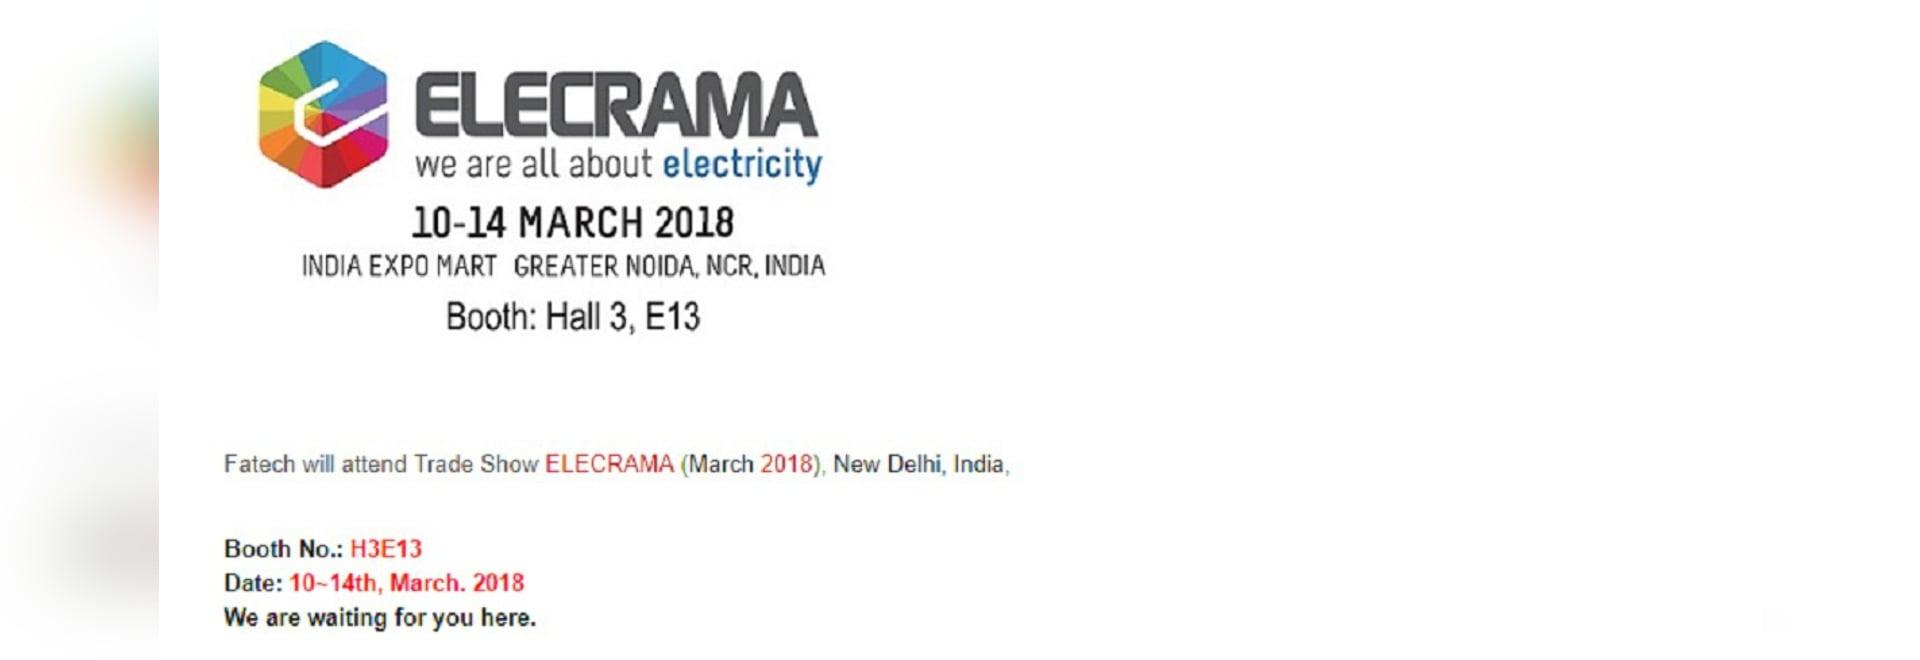 FATECH WILL ATTEND TRADE SHOW ELECRAMA 2018 NEW DELHI, INDIA